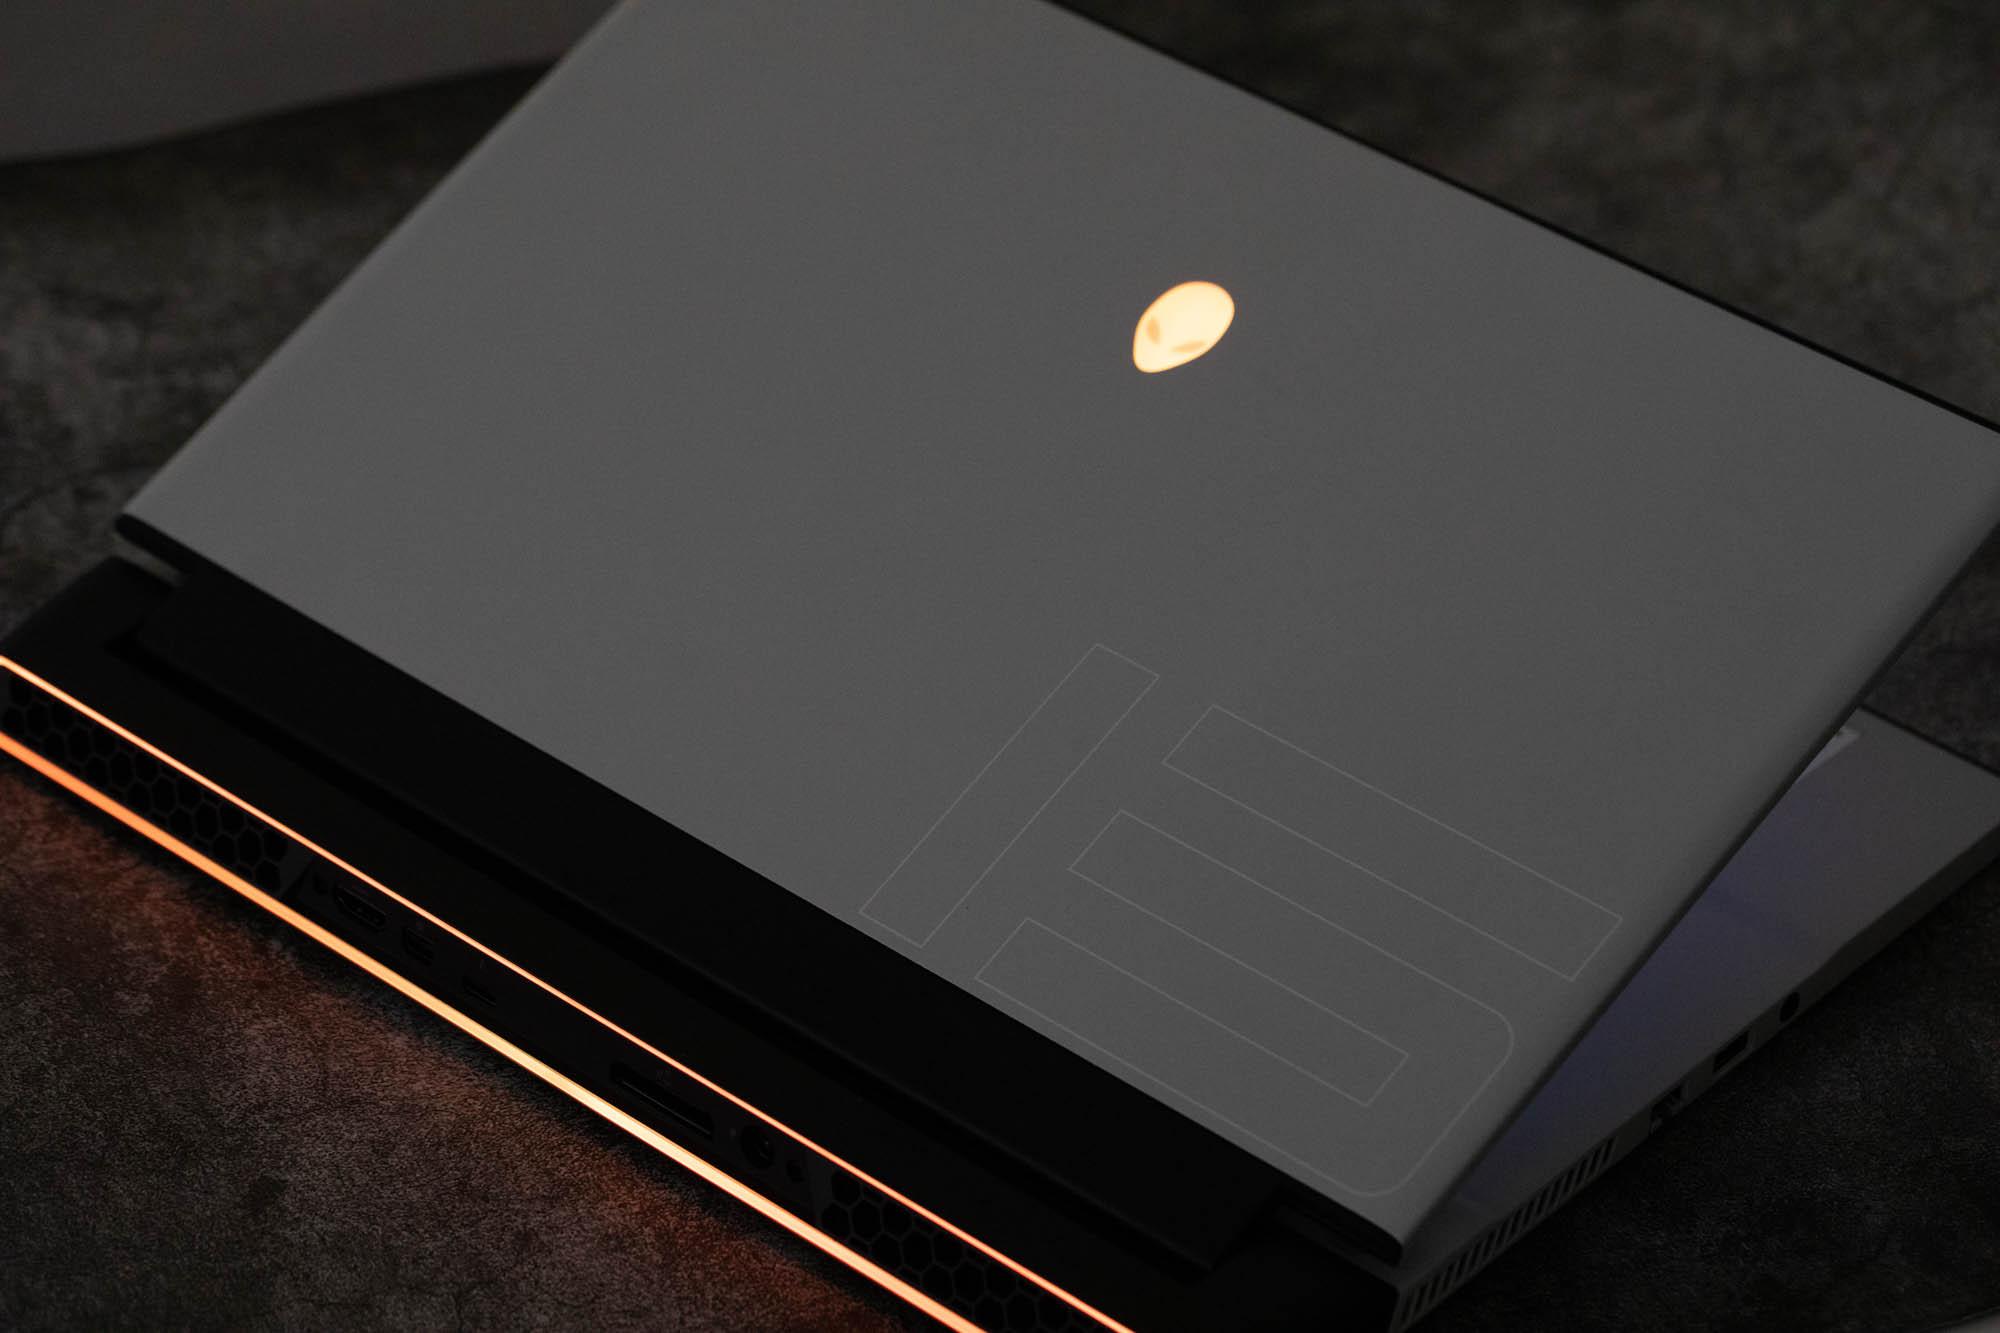 可用眼睛操控的轻薄笔记本,戴尔外星人m15 R2 体验